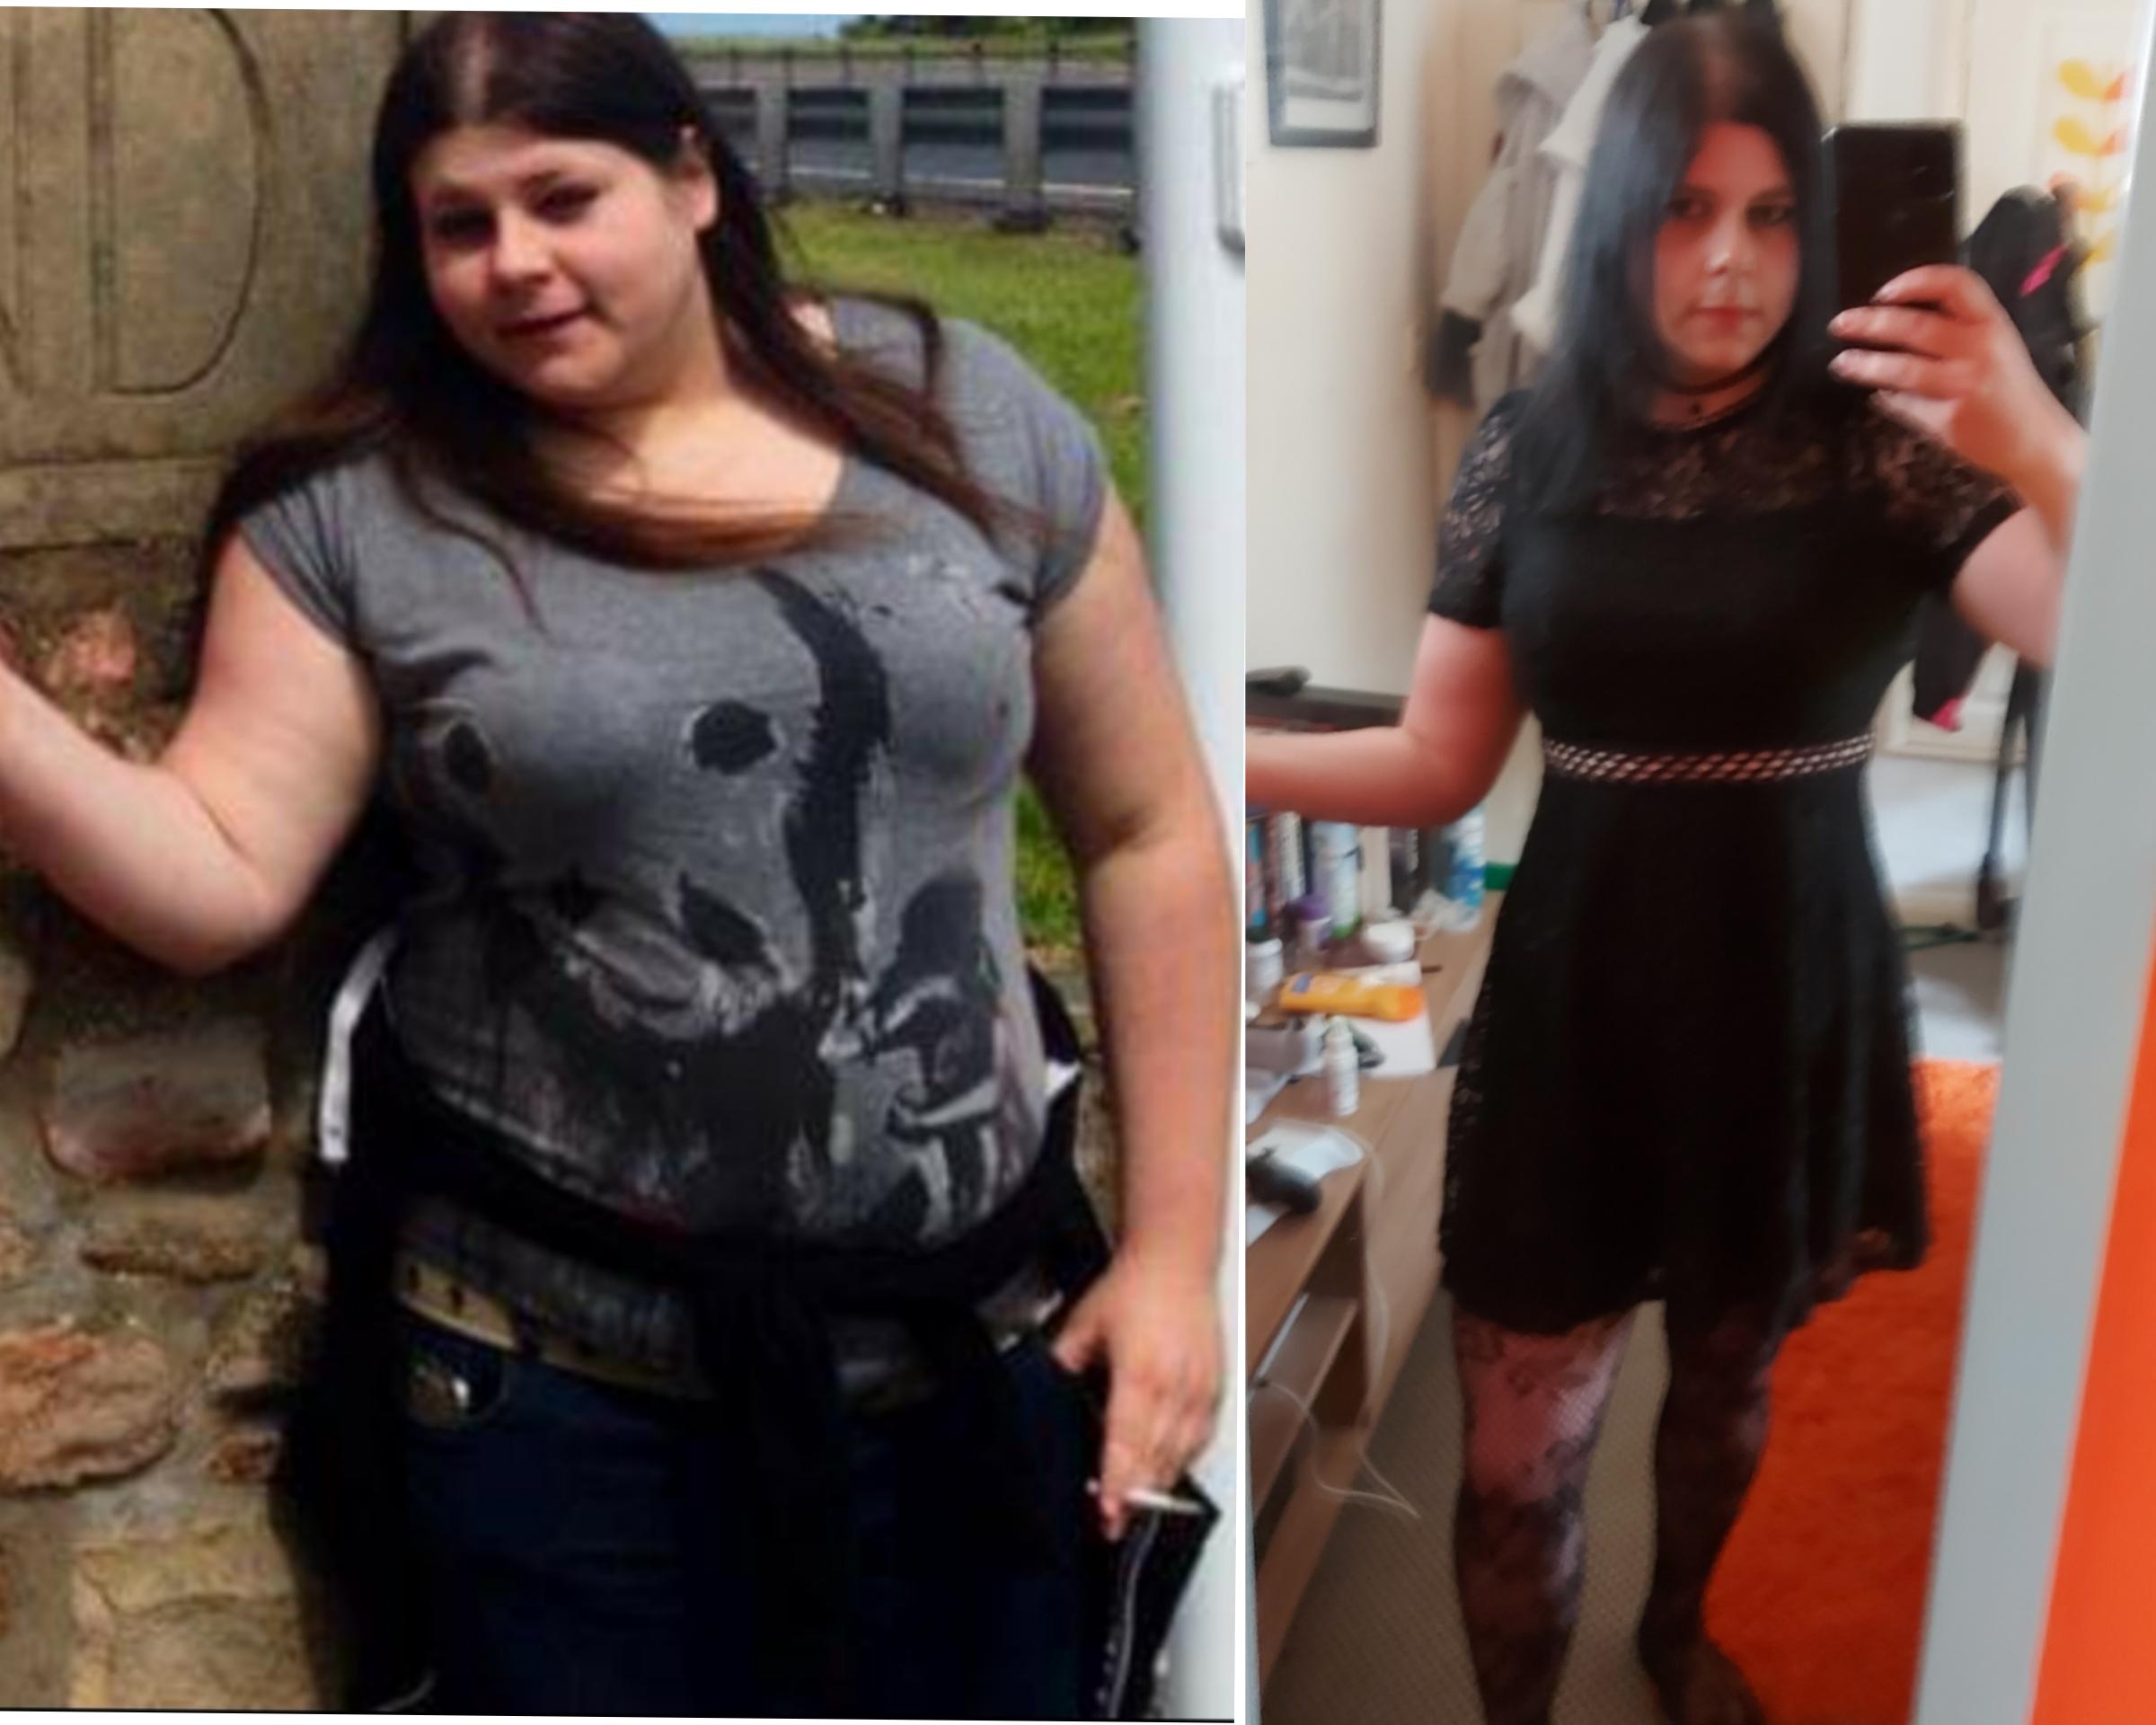 5'9 Female Progress Pics of 74 lbs Fat Loss 240 lbs to 166 lbs